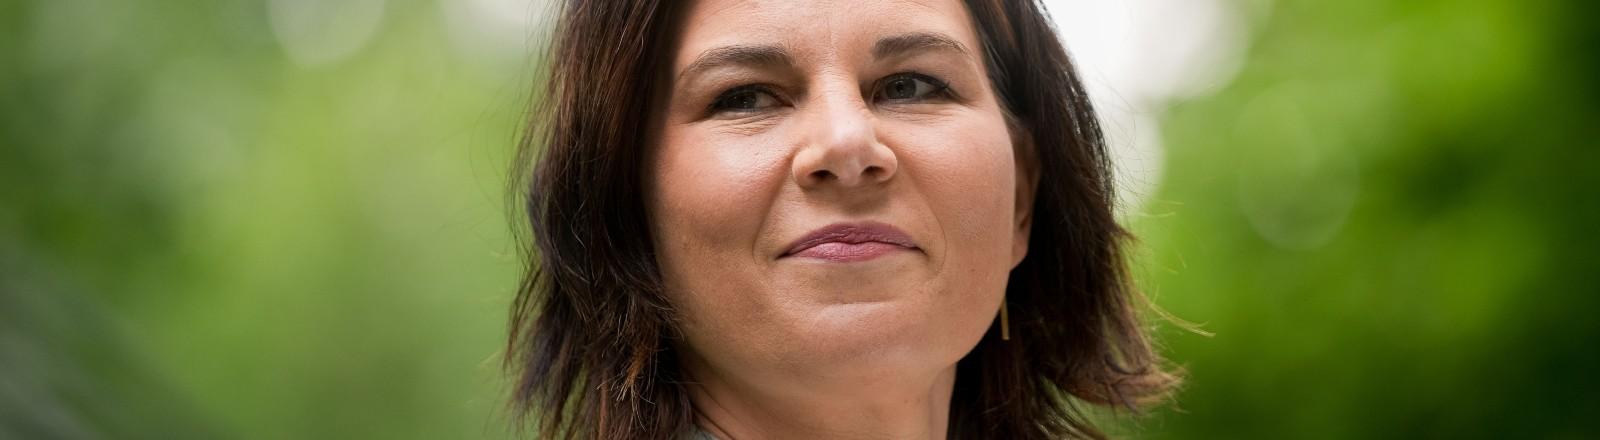 Kanzlerkandidatin Annalena Baerbock von den Grünen.